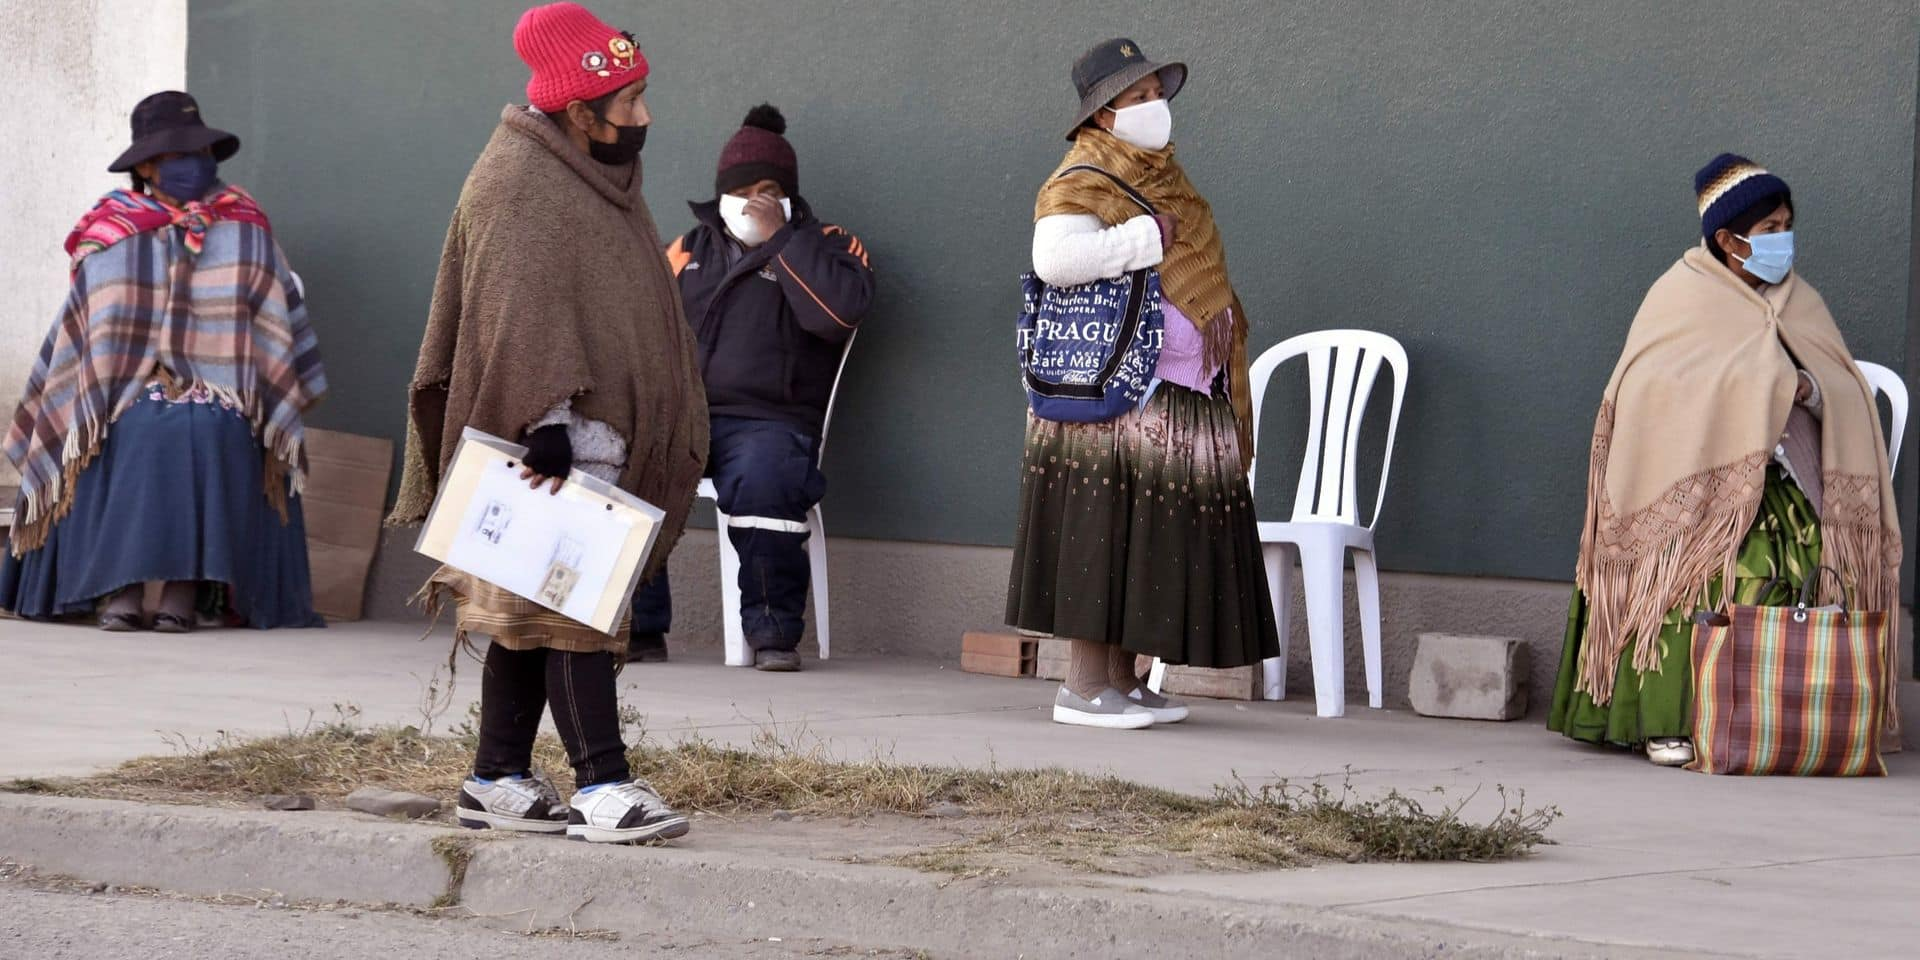 """La Bolivie a trouvé une solution radicale pour faire respecter le confinement: """"Nous ne pouvons plus supporter que des irresponsables mettent en danger la vie des autres"""""""